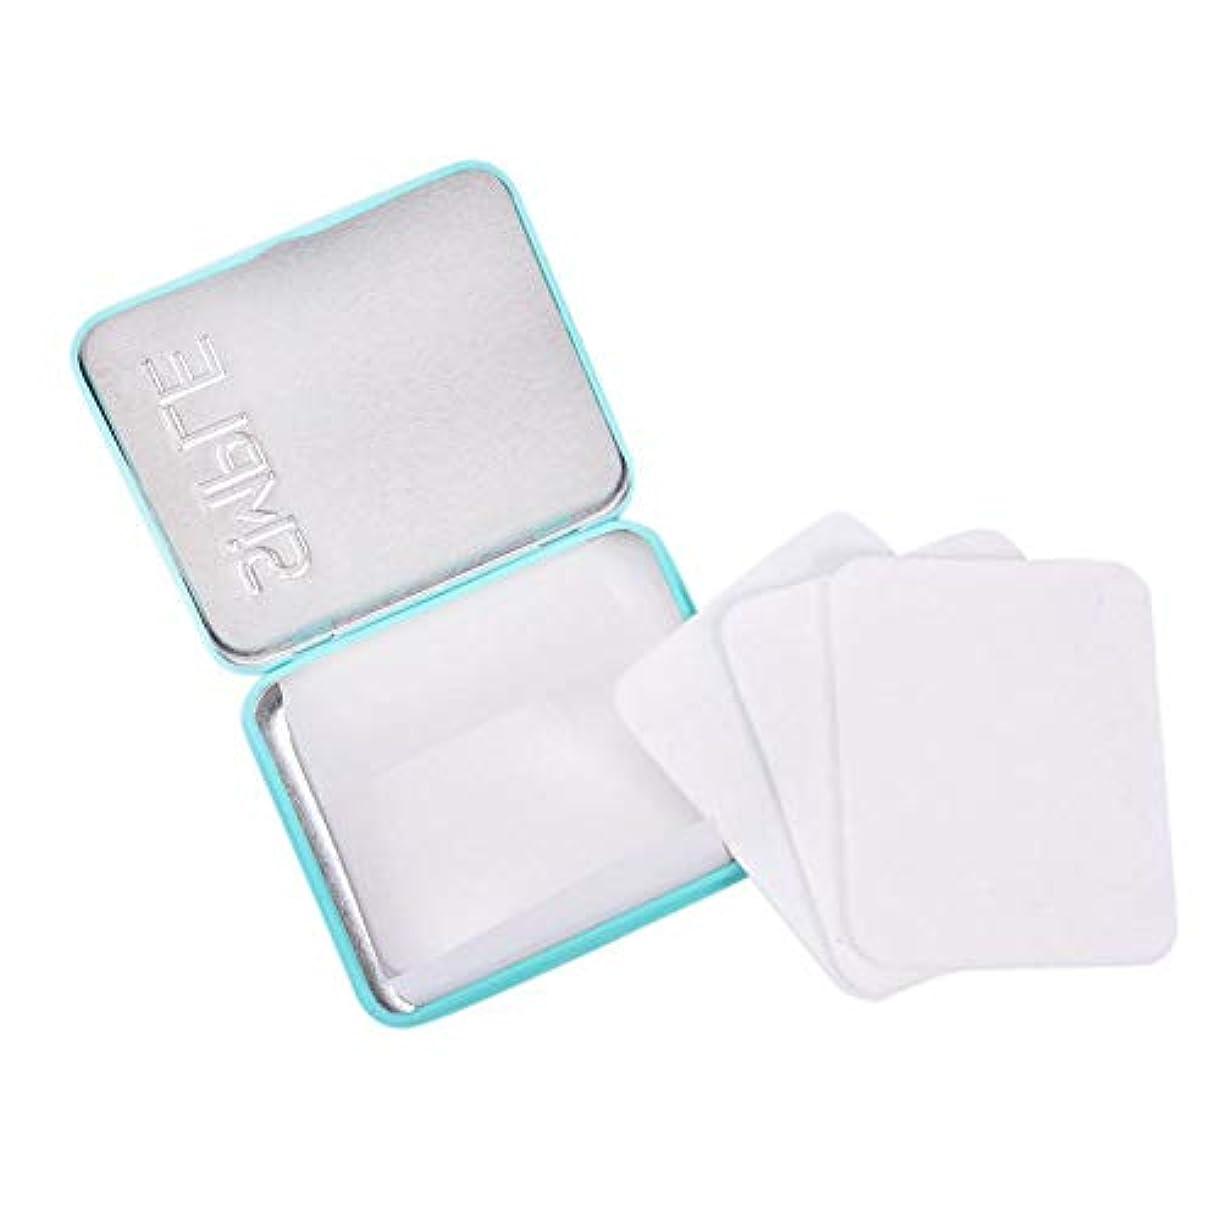 連続的懸念発症洗える化粧除去パッド 10個入りソフトクリーニングコットンラウンド化粧品洗顔料クリーニングコットンパッド 化粧道具